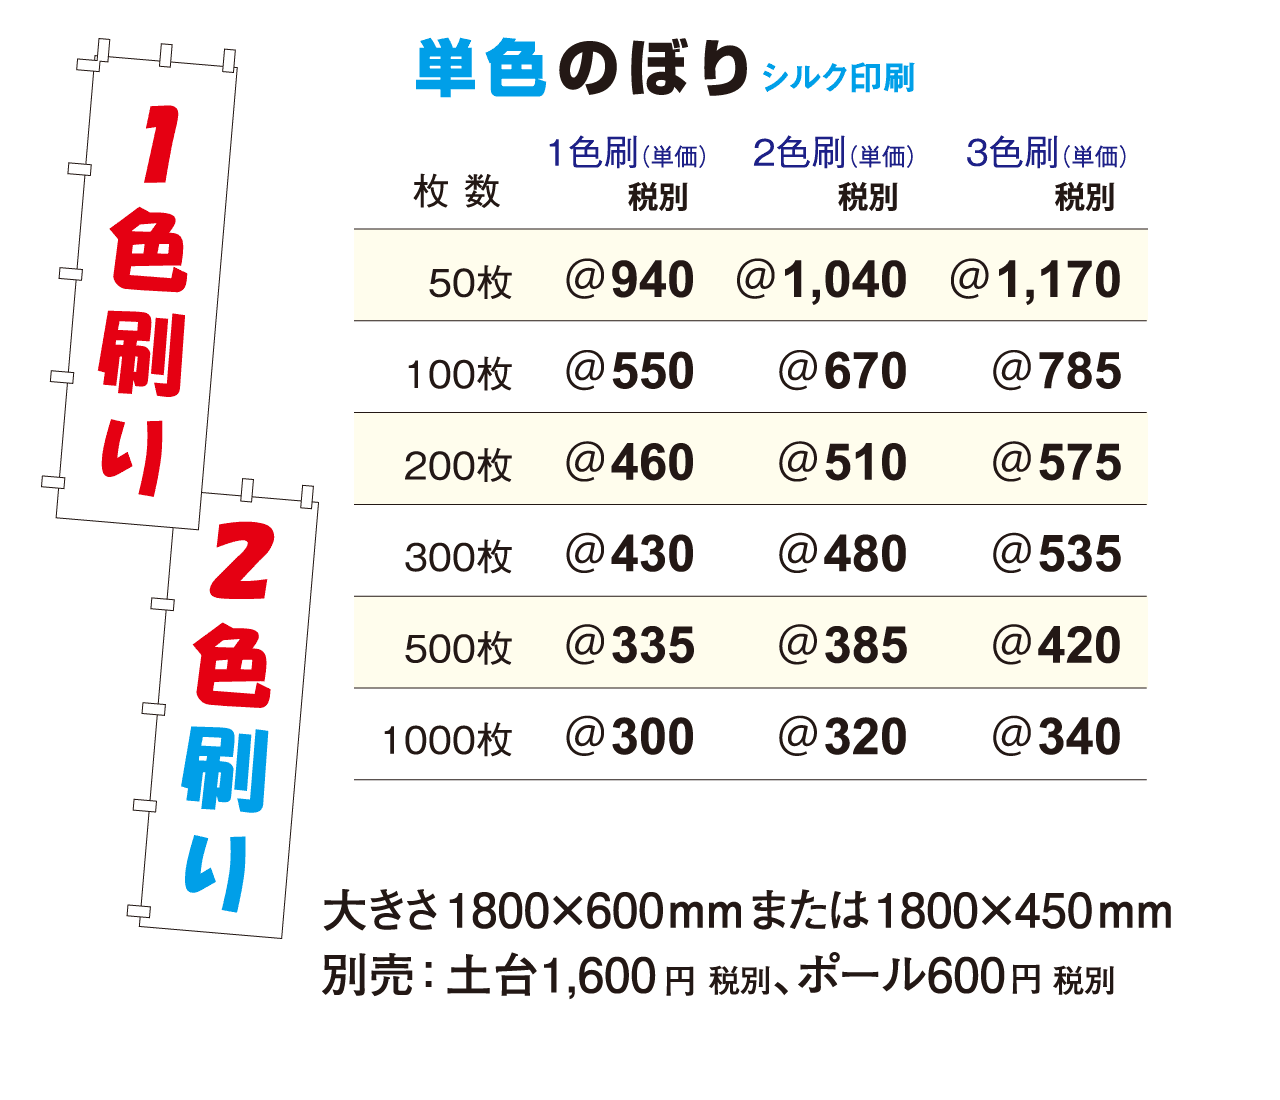 単色のぼり料金表